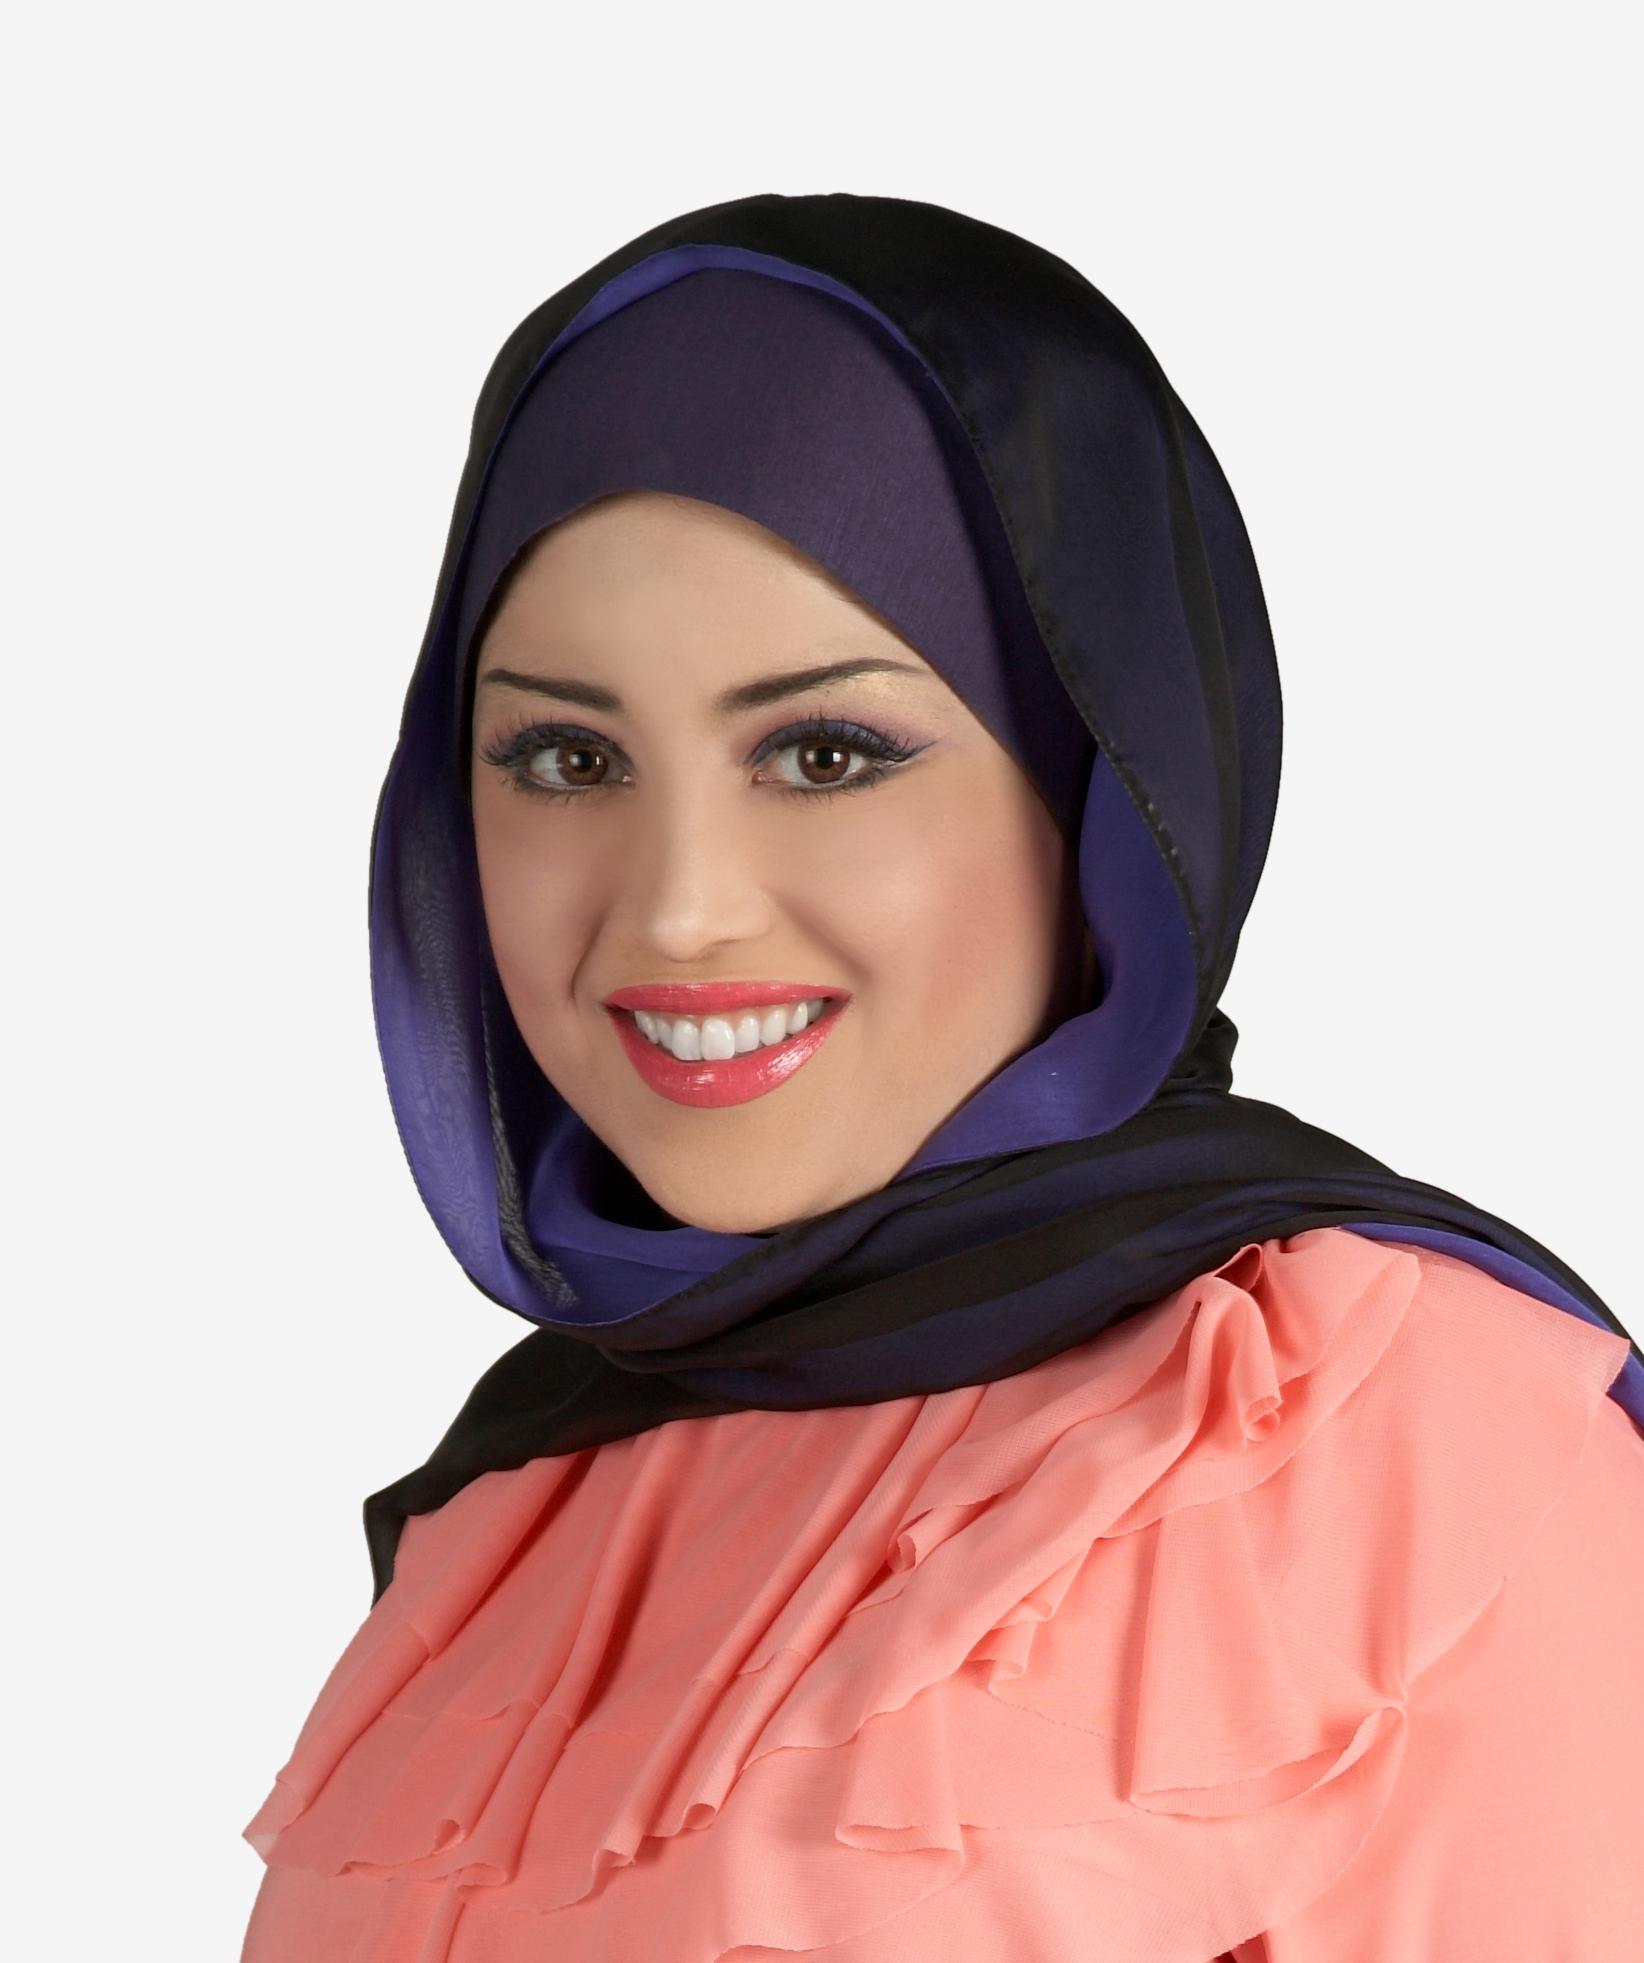 Manar AlHashash